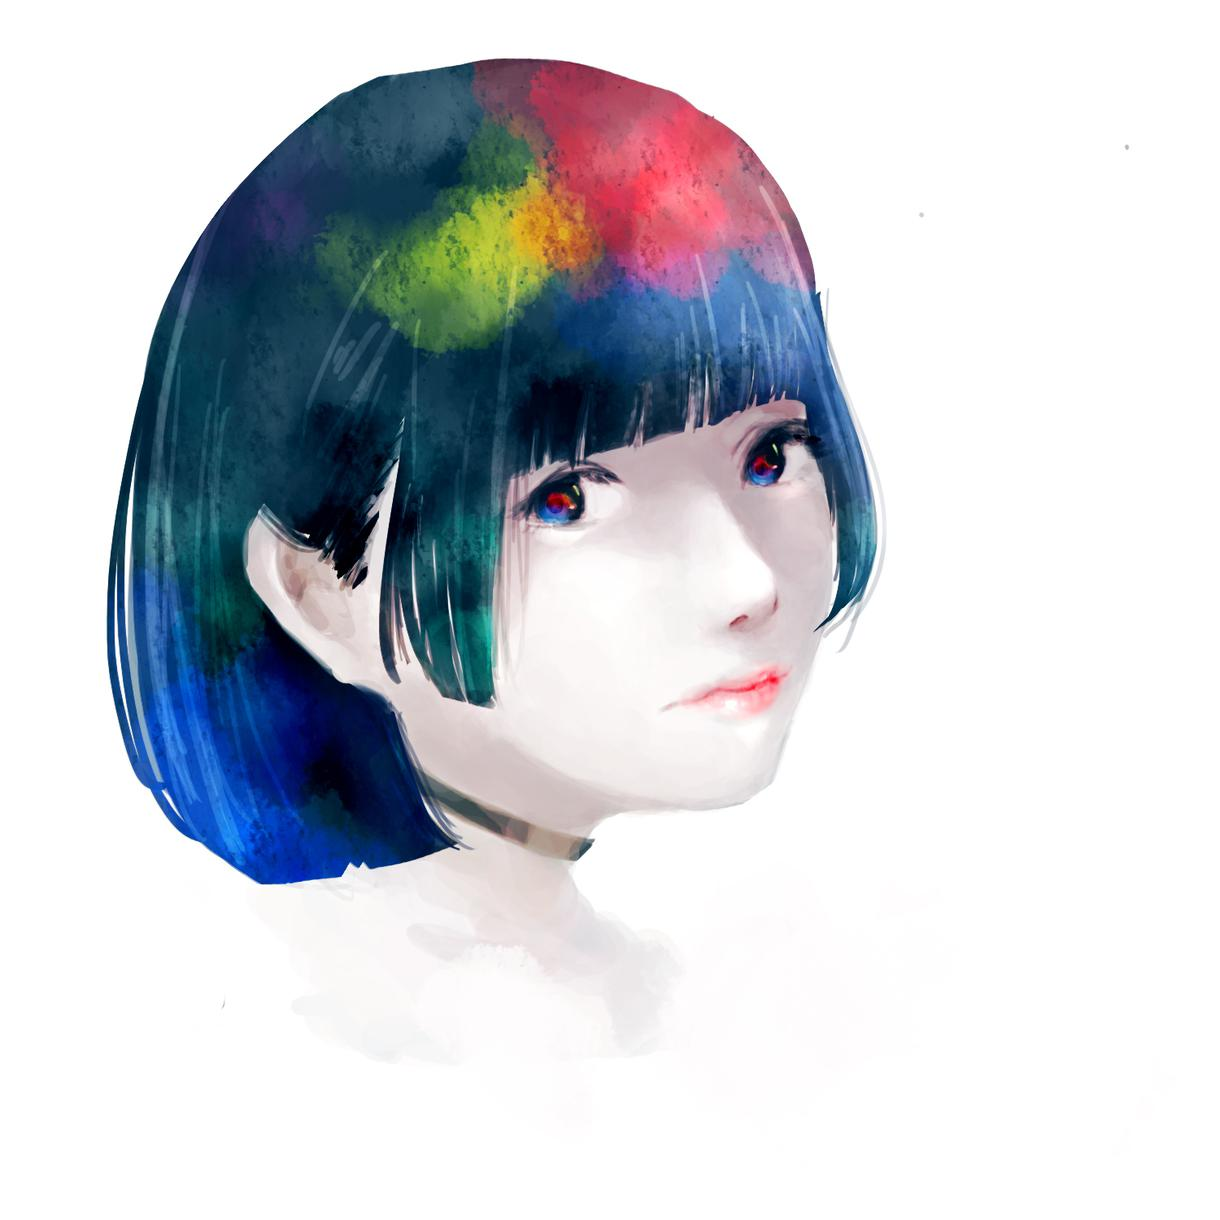 アイコン、イラストなど全般制作します 似顔絵から版権まで彩度の低いイラストがお好きなあなたに